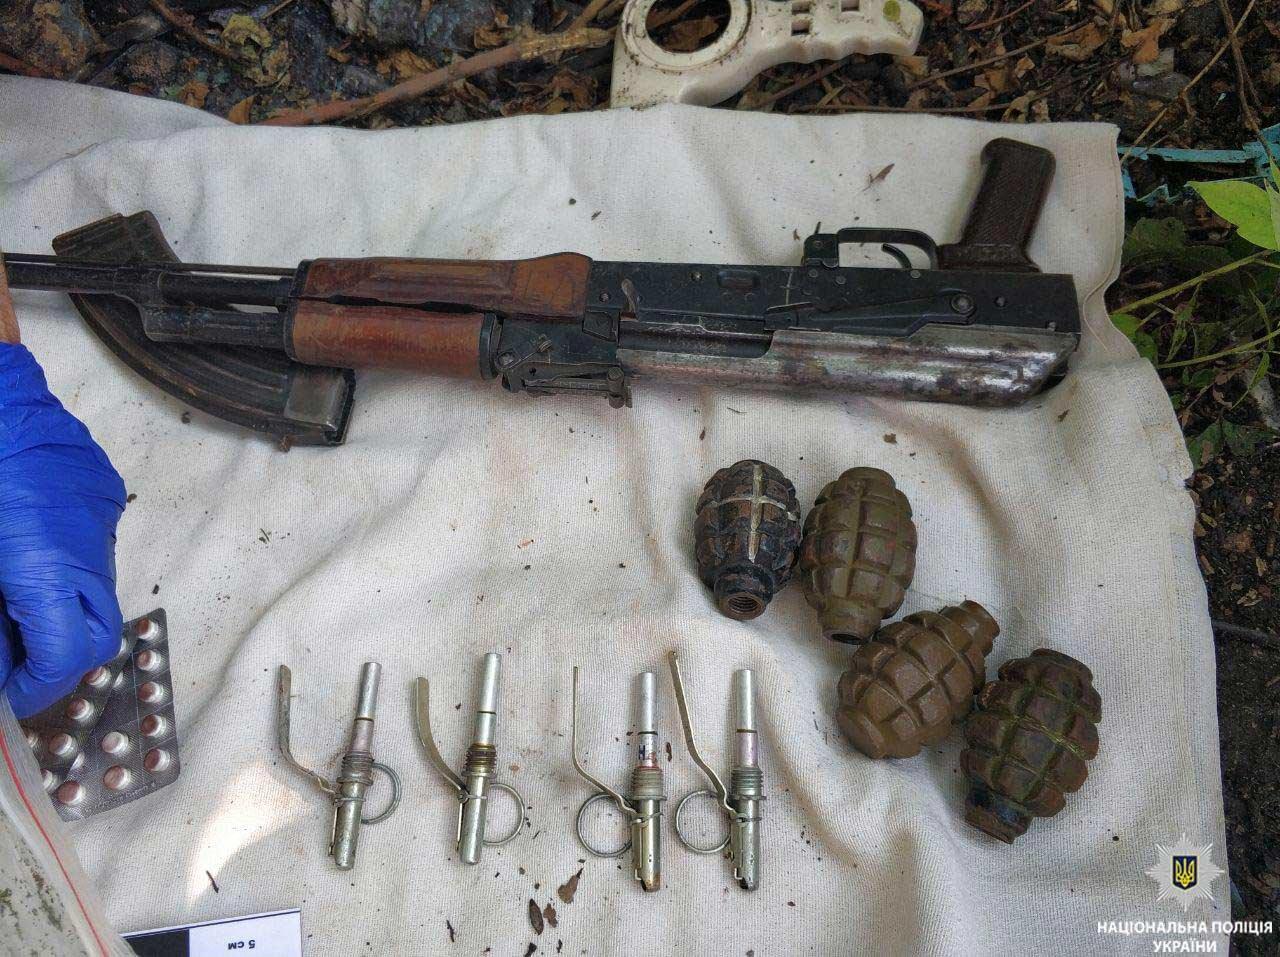 В гараже криворожанина полицейские обнаружили арсенал оружия и наркотики, - ФОТО, фото-3